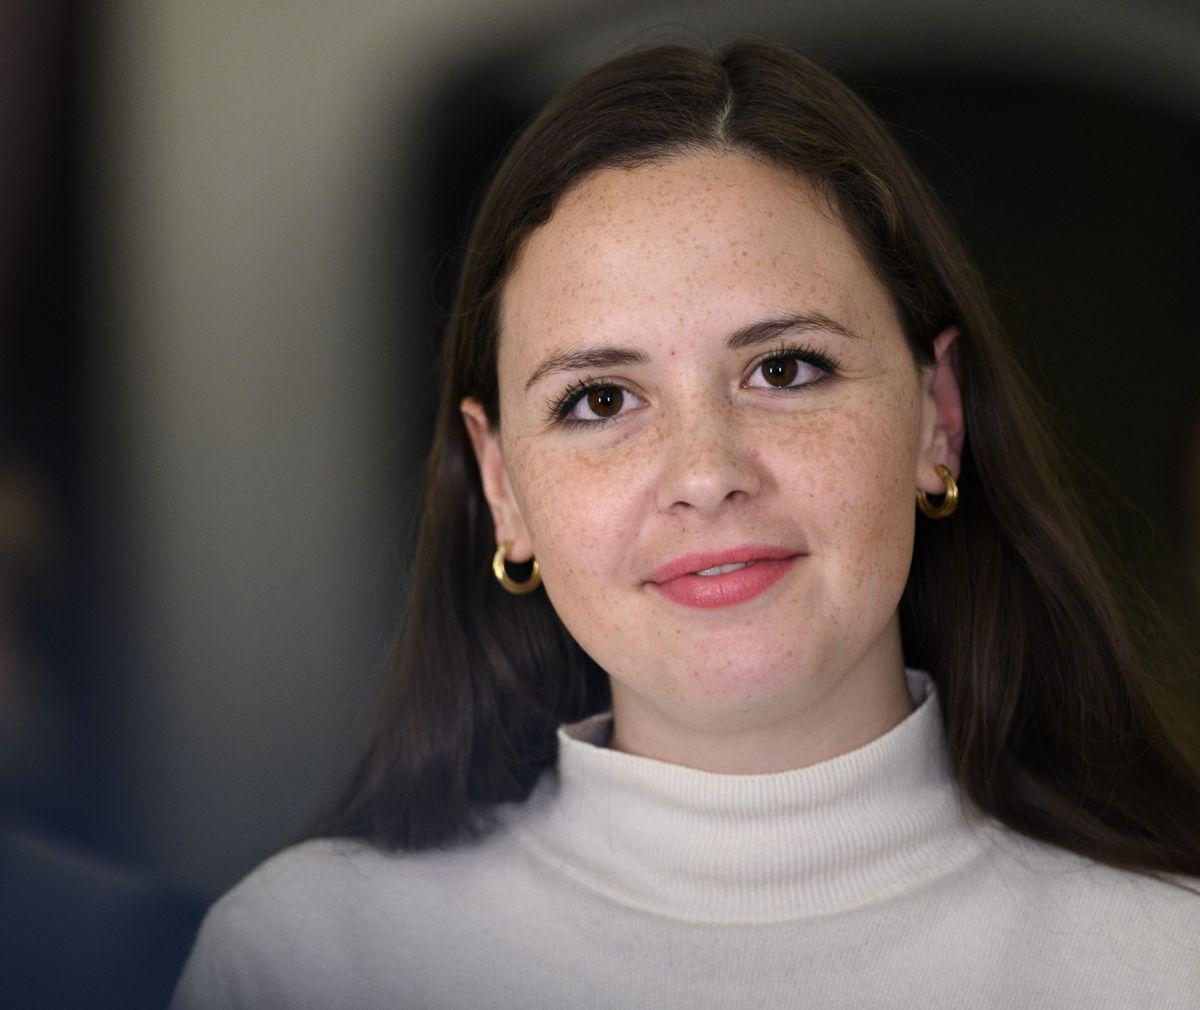 Victoria Velasquez (EL) blev for to år siden valgt ind i Folketinget. Forinden havde hun tidligere været kandidat til både et kommunalvalg og et valg til Europa-Parlamentet.